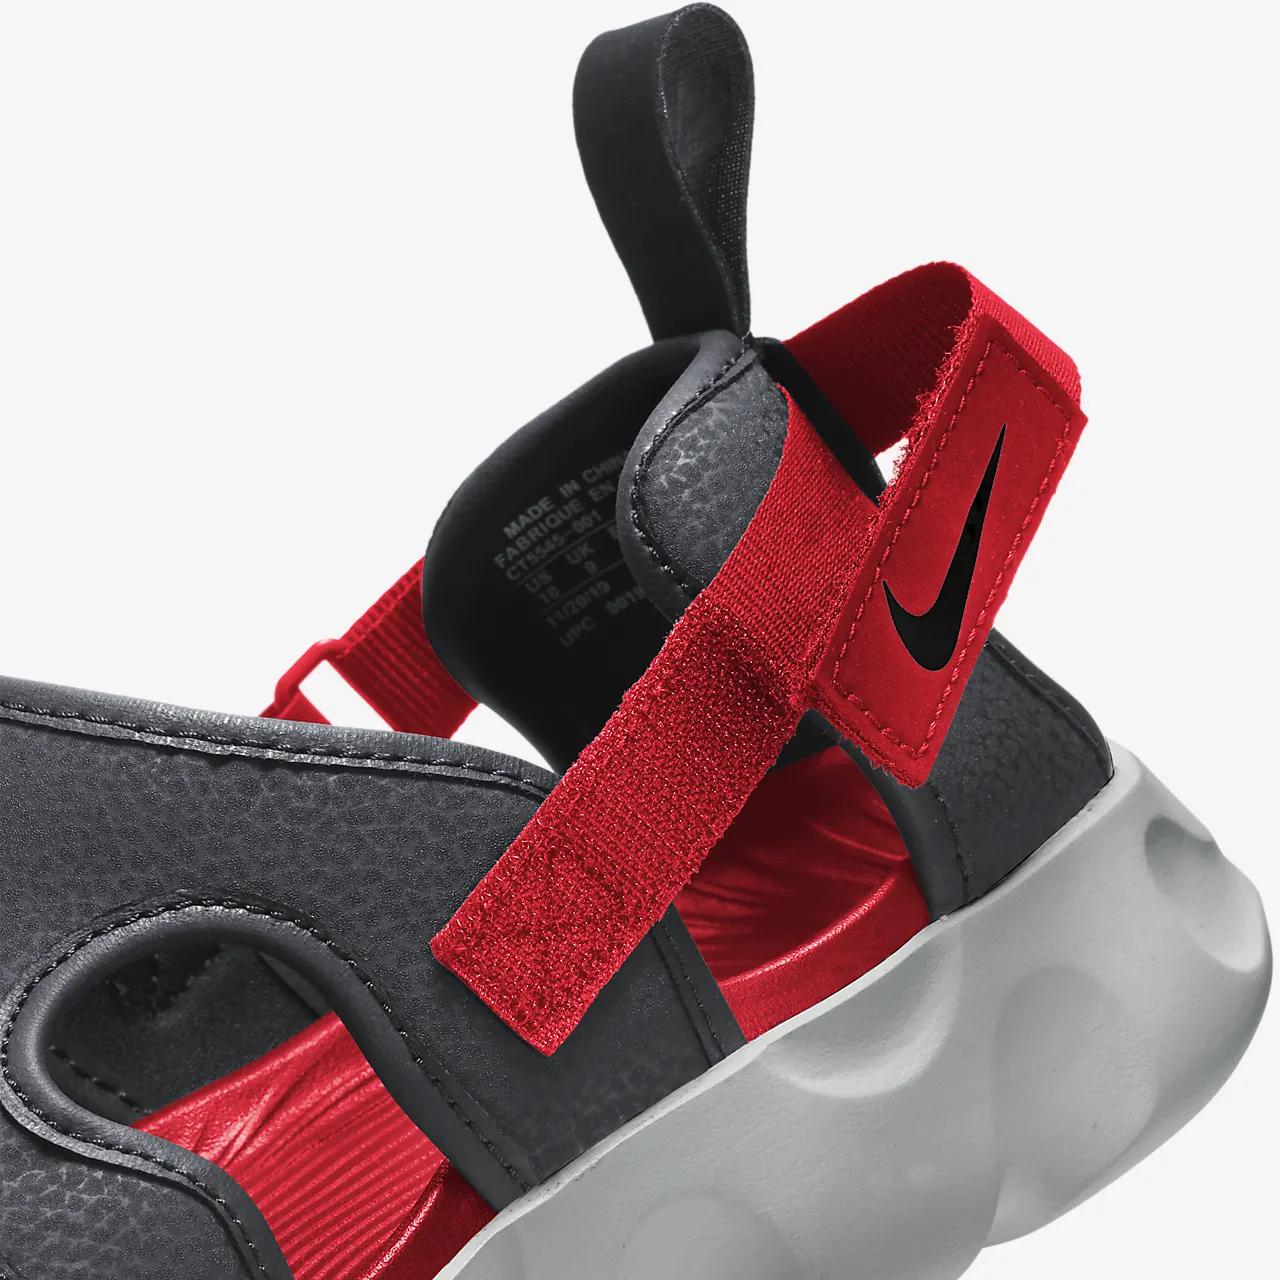 Nike Owaysis Men's Sandal CT5545-600